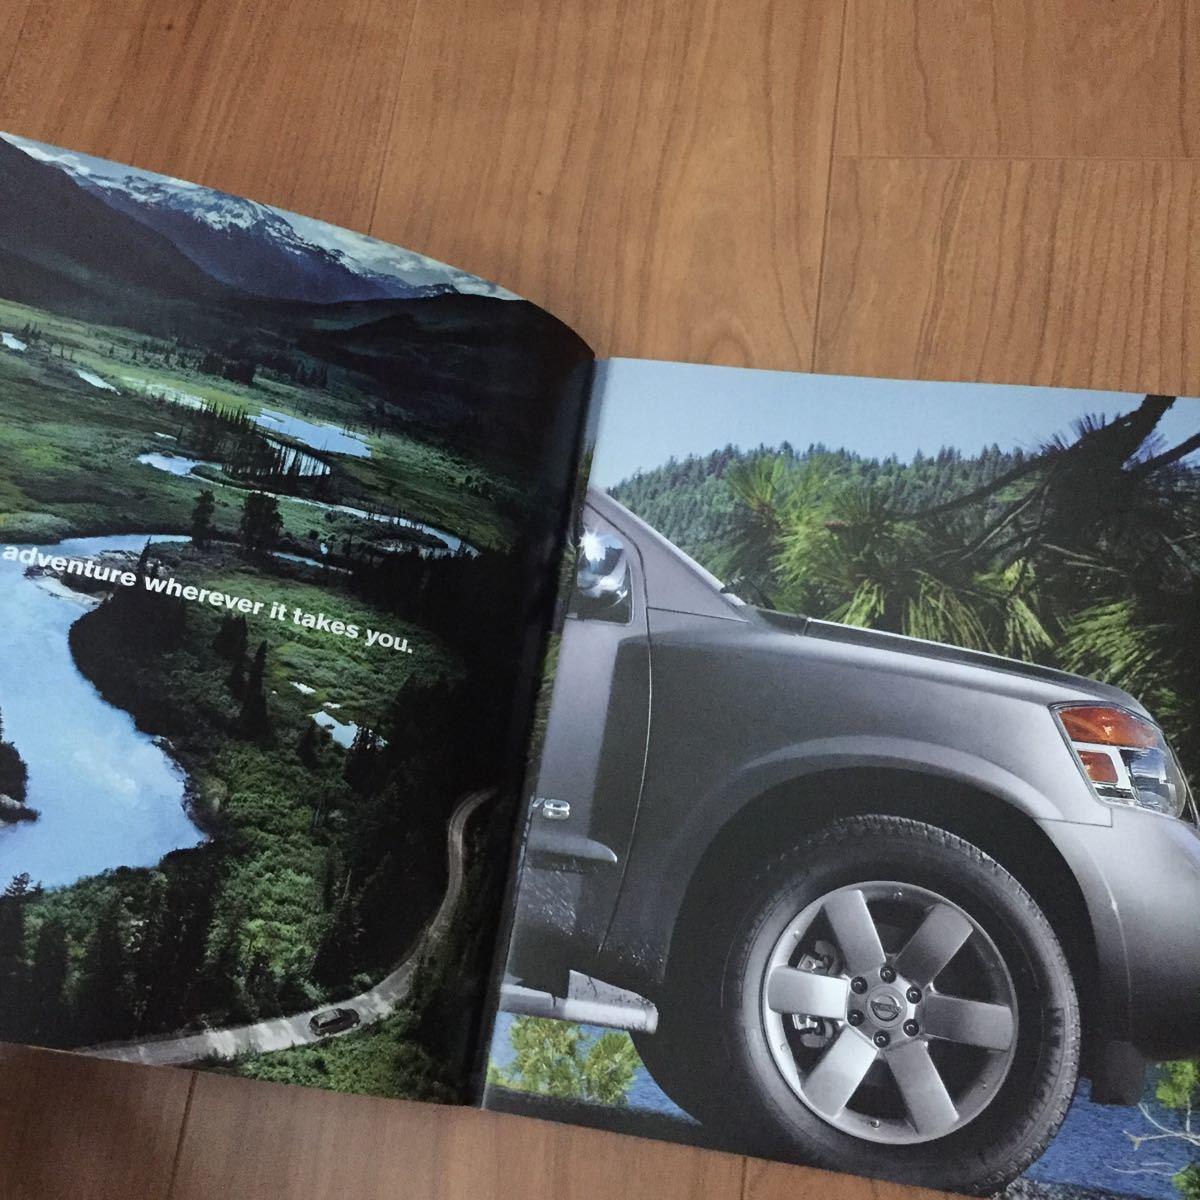 2008 日産 ニッサン アルマーダ Armada アルマダ カタログ USA アメリカ 雑貨 SUV 逆輸入 インフィニティ 広告_画像3